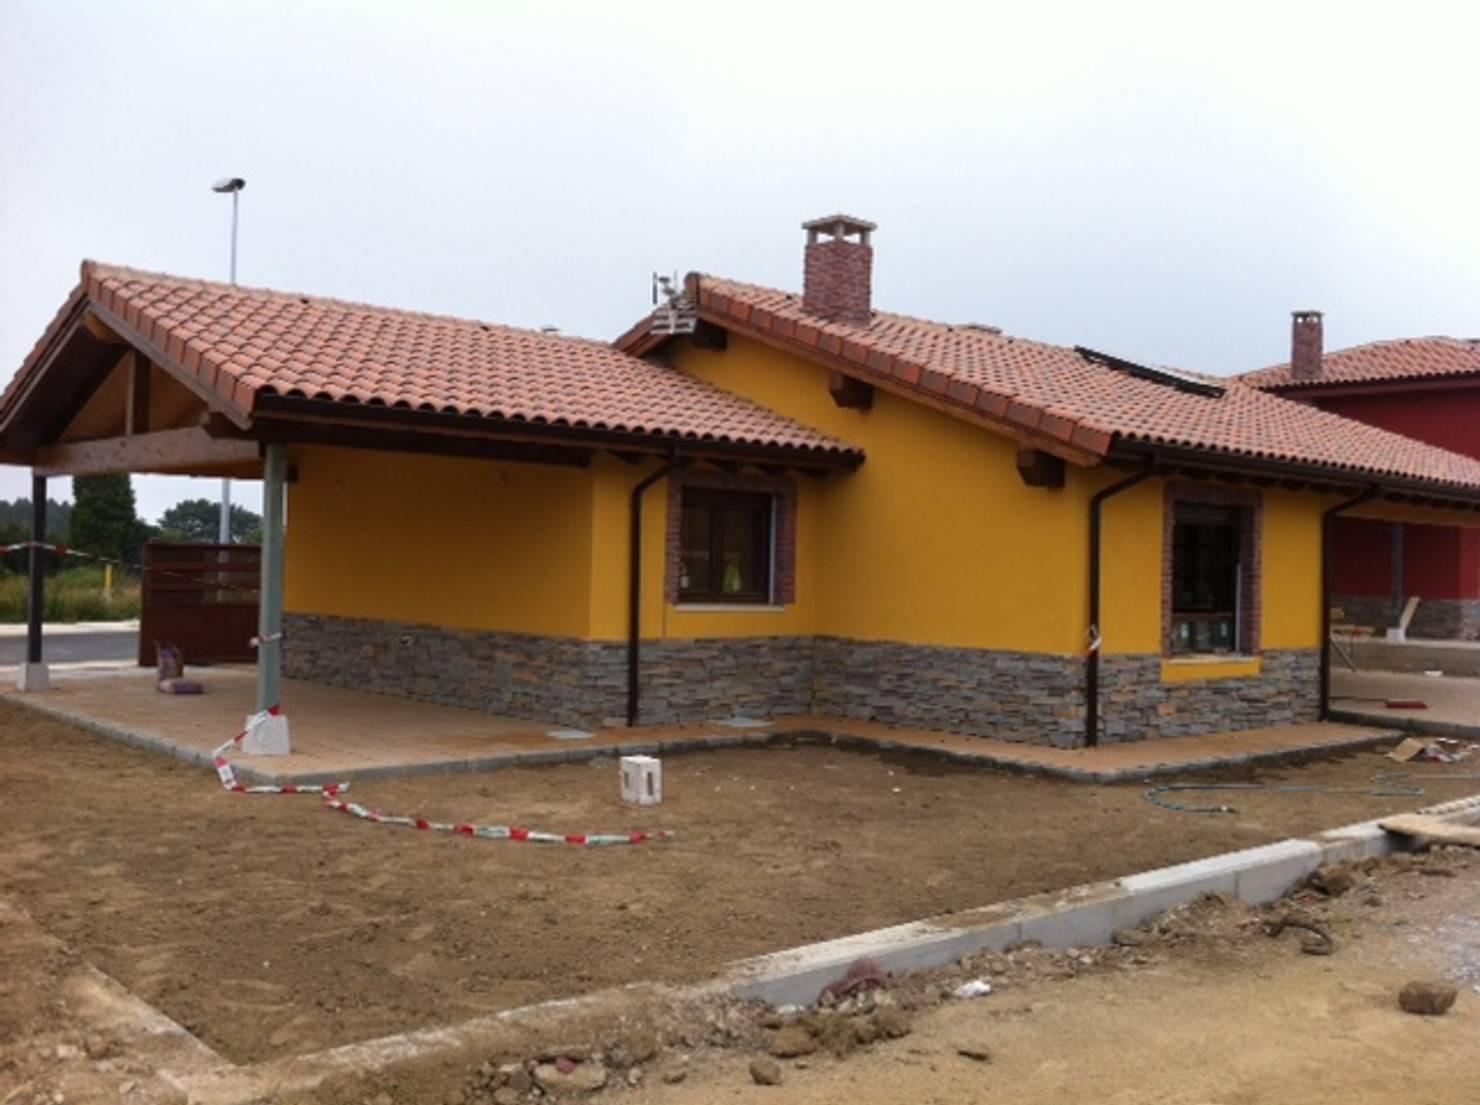 La construcción de una casa prefabricada rústica en Asturias